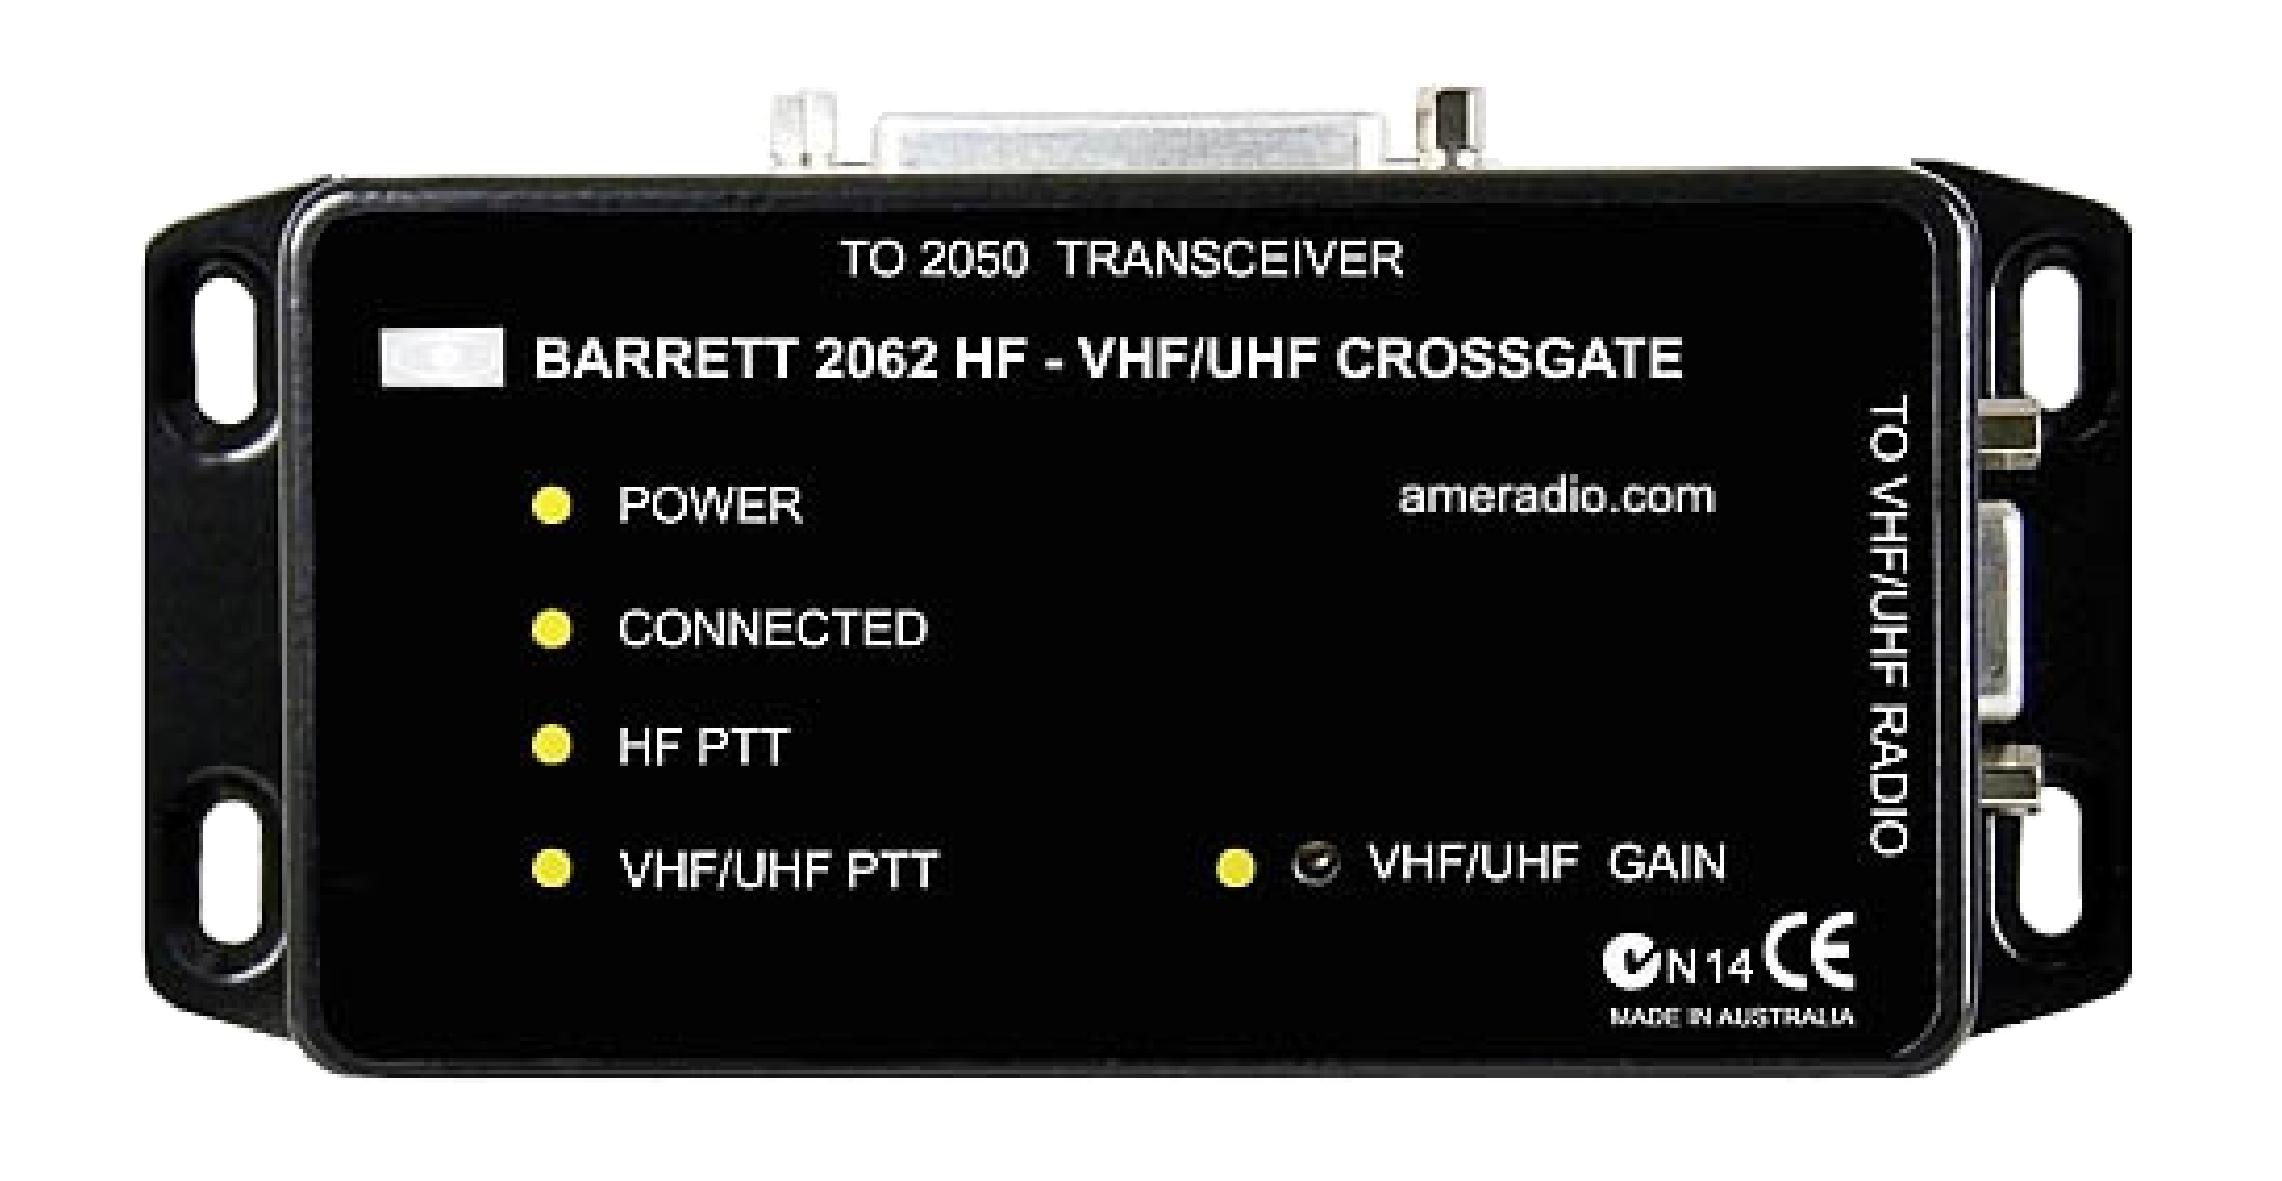 2062 HF-VHF/UHF crossgate